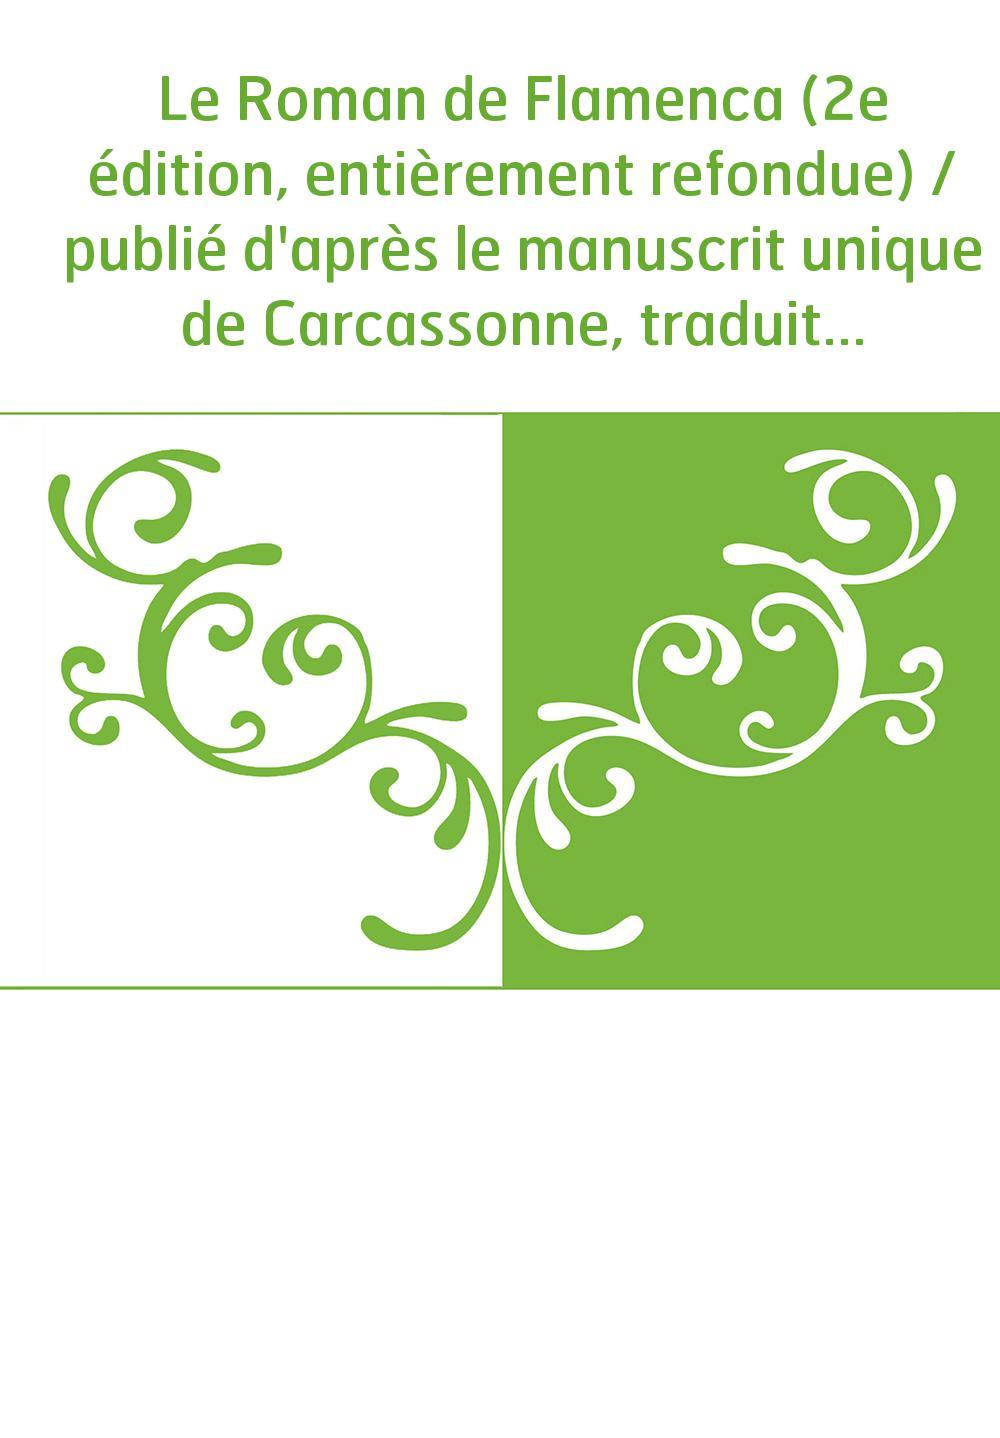 Le Roman de Flamenca (2e édition, entièrement refondue) / publié d'après le manuscrit unique de Carcassonne, traduit et accompag